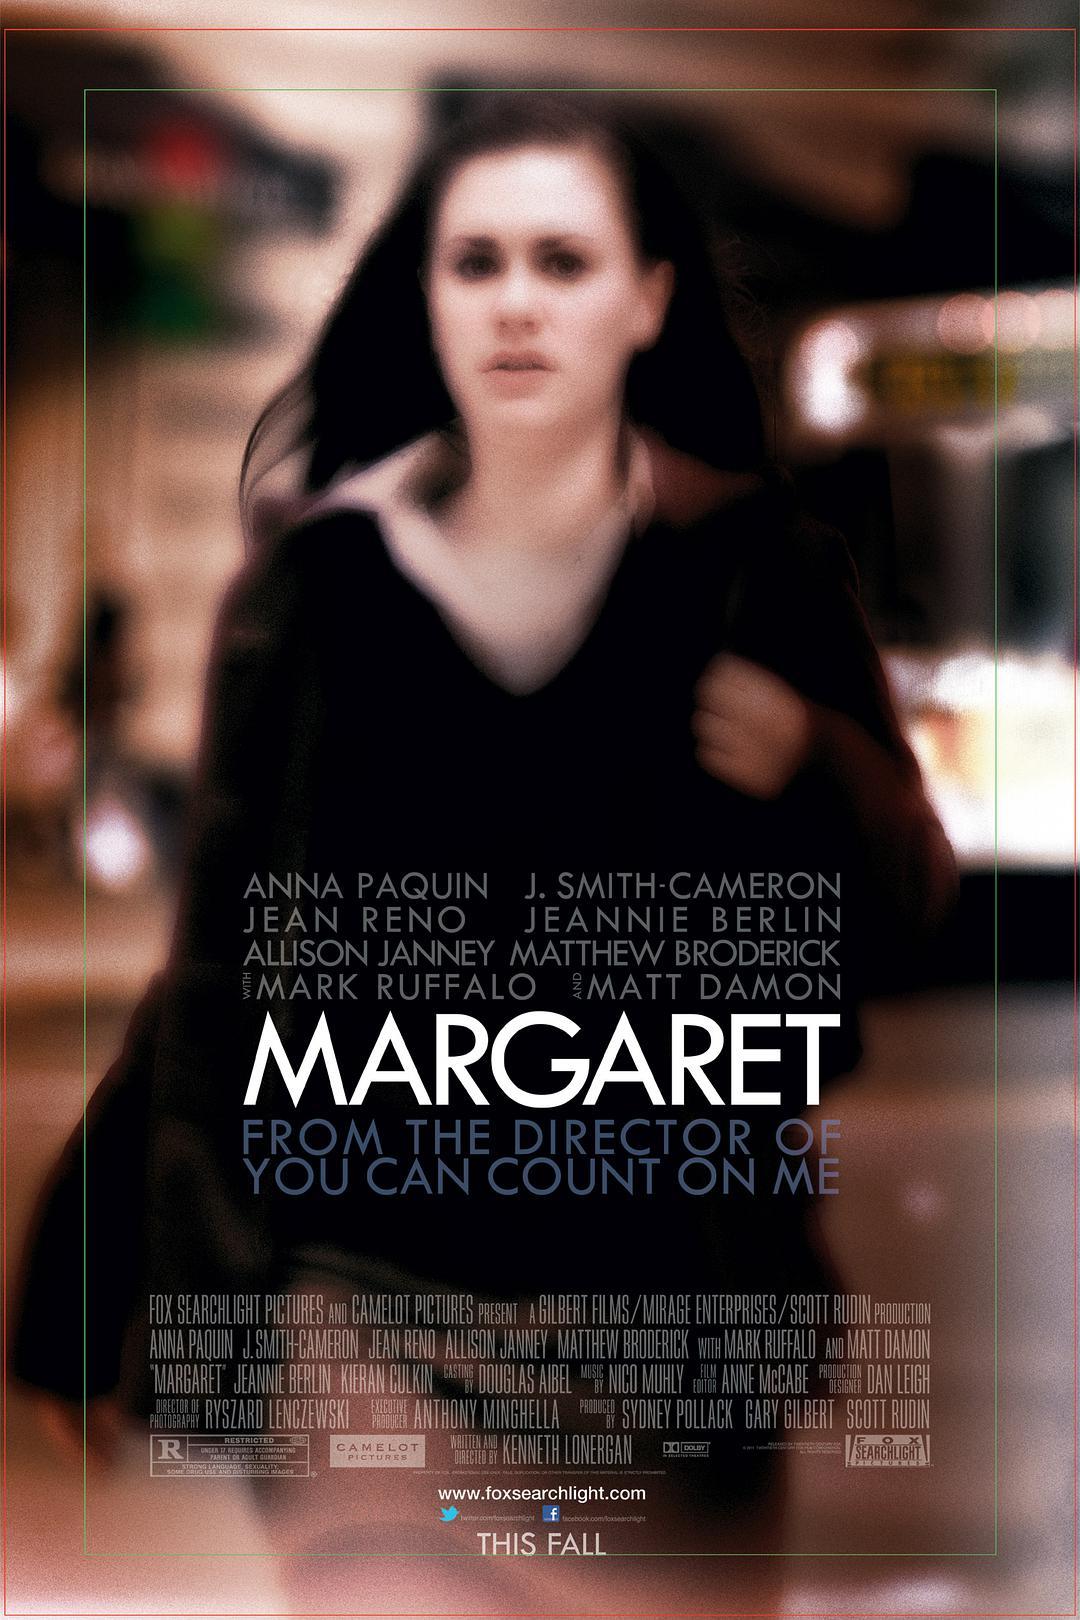 悠悠MP4_MP4电影下载_玛格丽特 Margaret.2011.EXTENDED.1080p.WEBRip.x264-RARBG 3.55GB